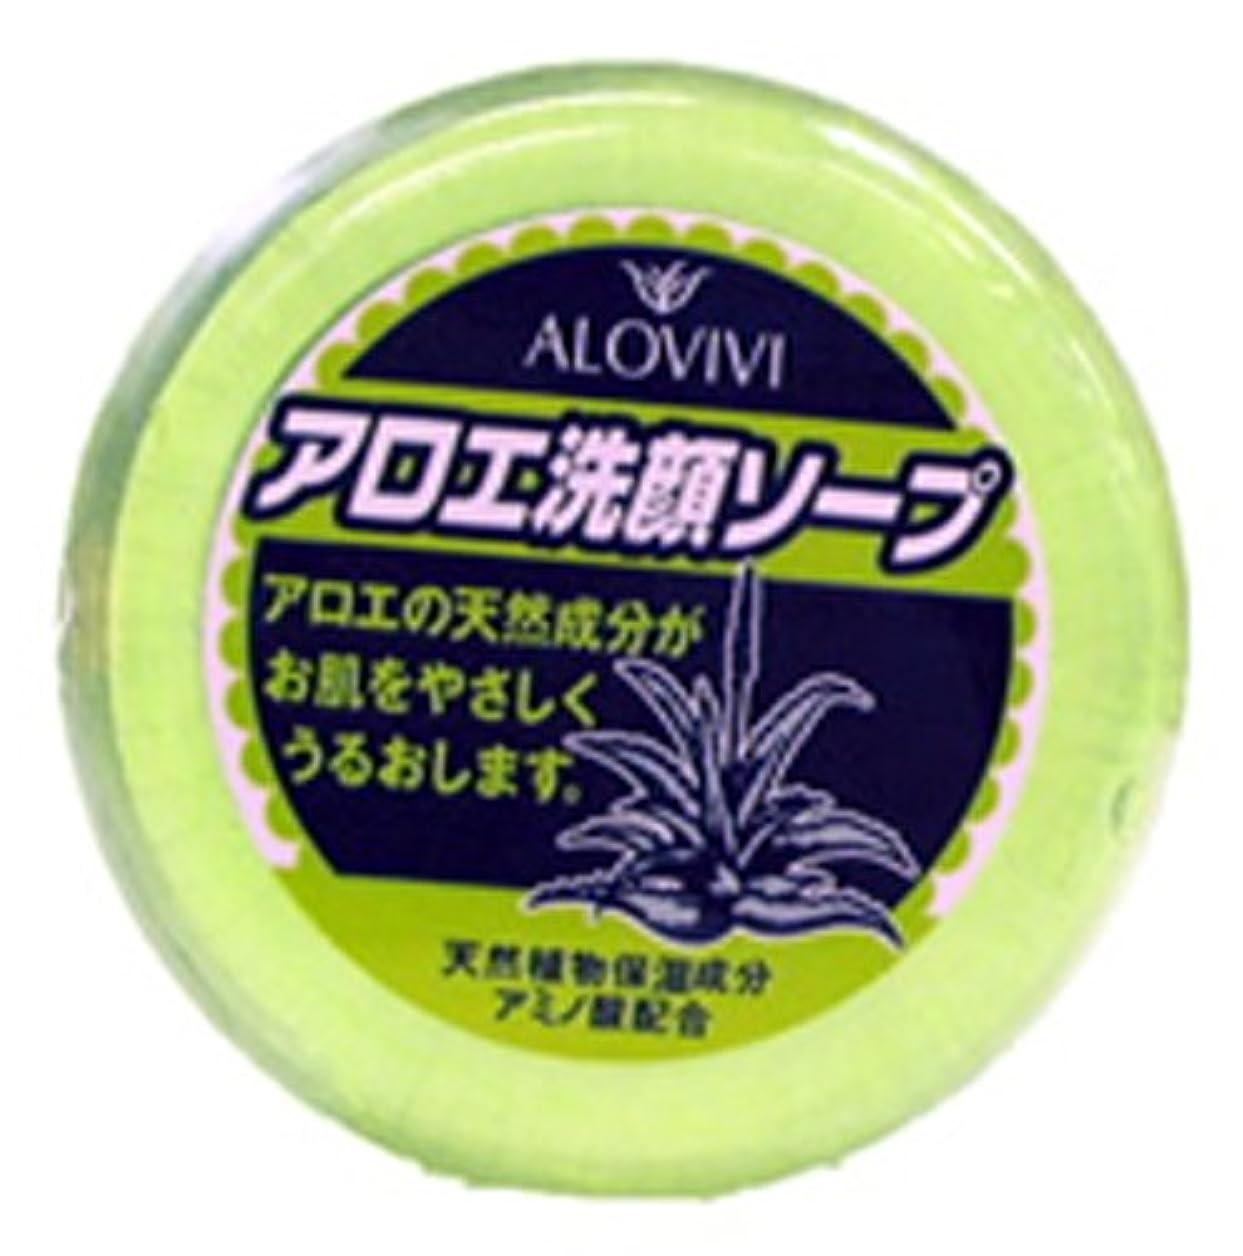 ロシアコロニアル潮アロヴィヴィアロエ洗顔ソープ 100g